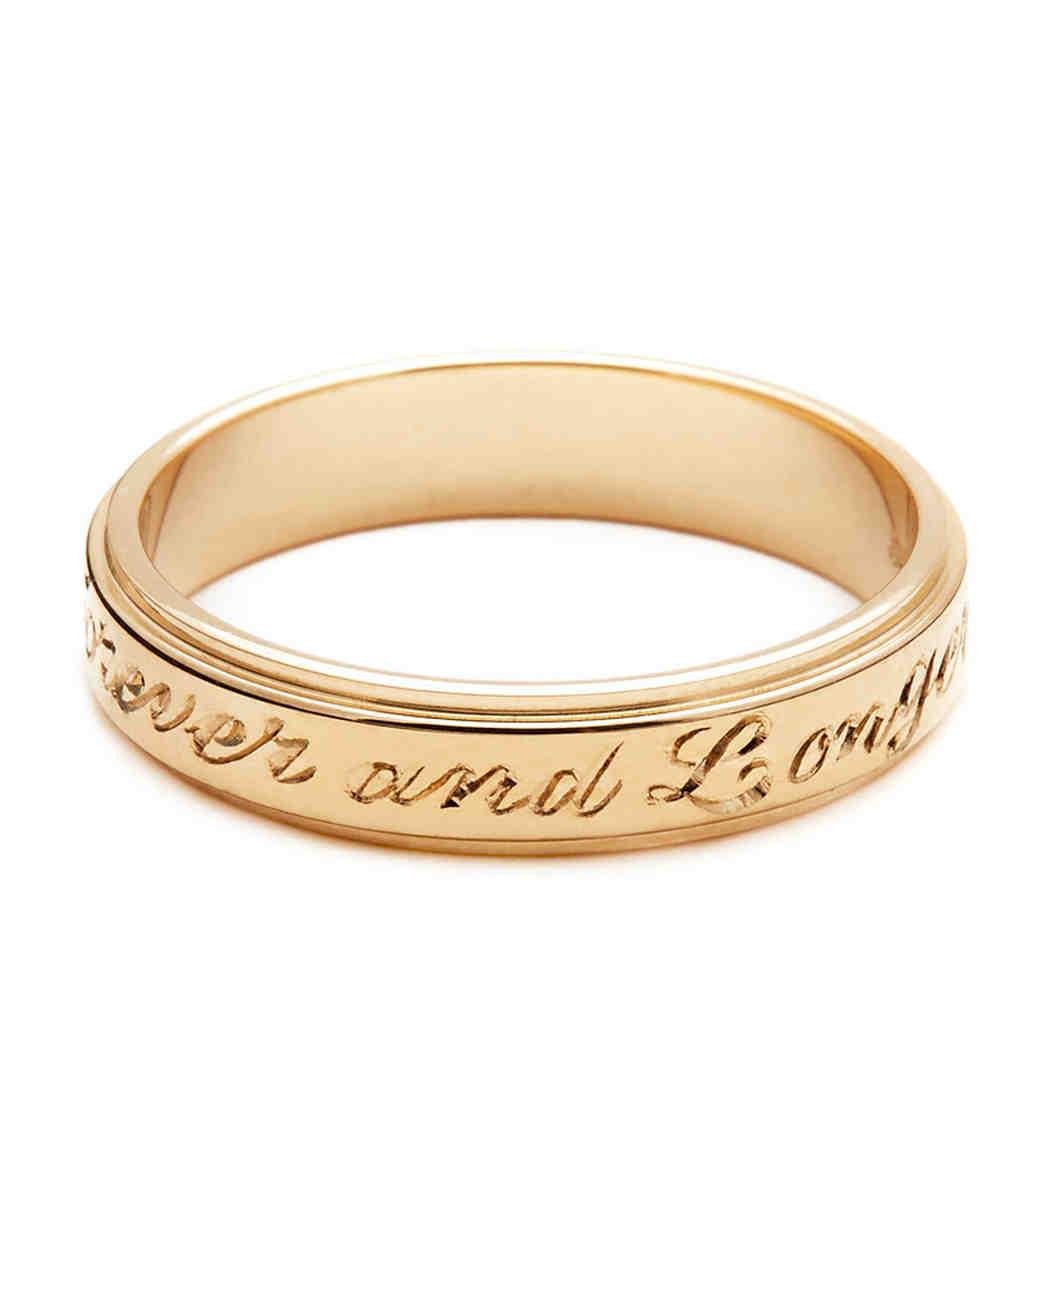 gold wedding bands women weve taken shine to david yurman wedding rings Anna Sheffield